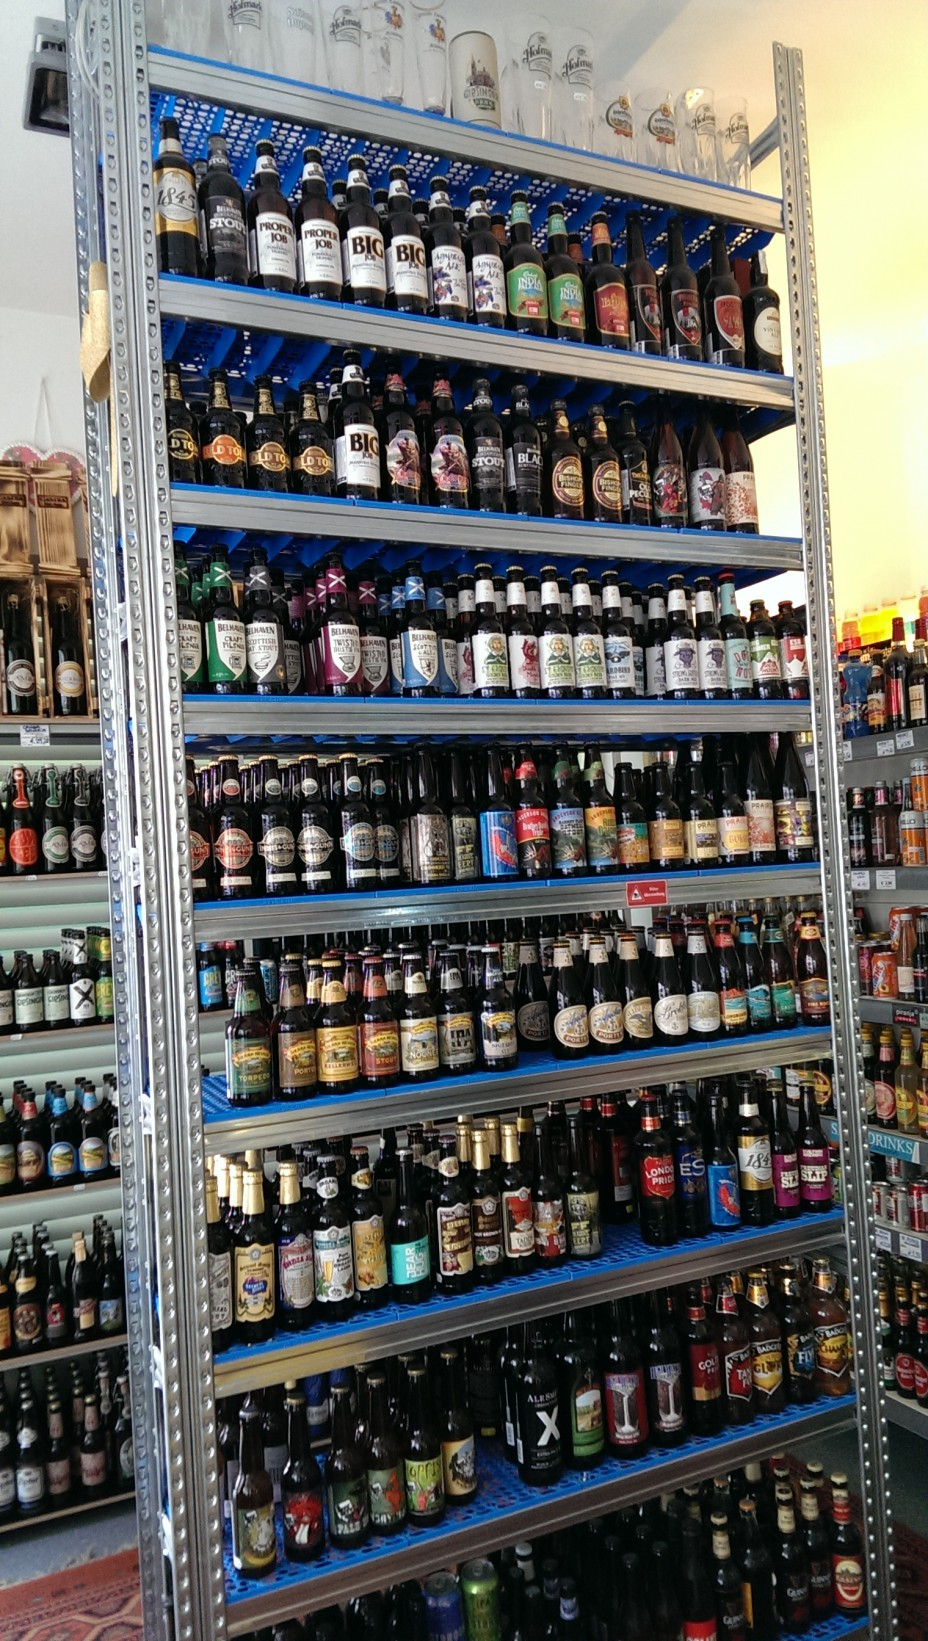 Eine ziemlich große Auswahl an Bier!